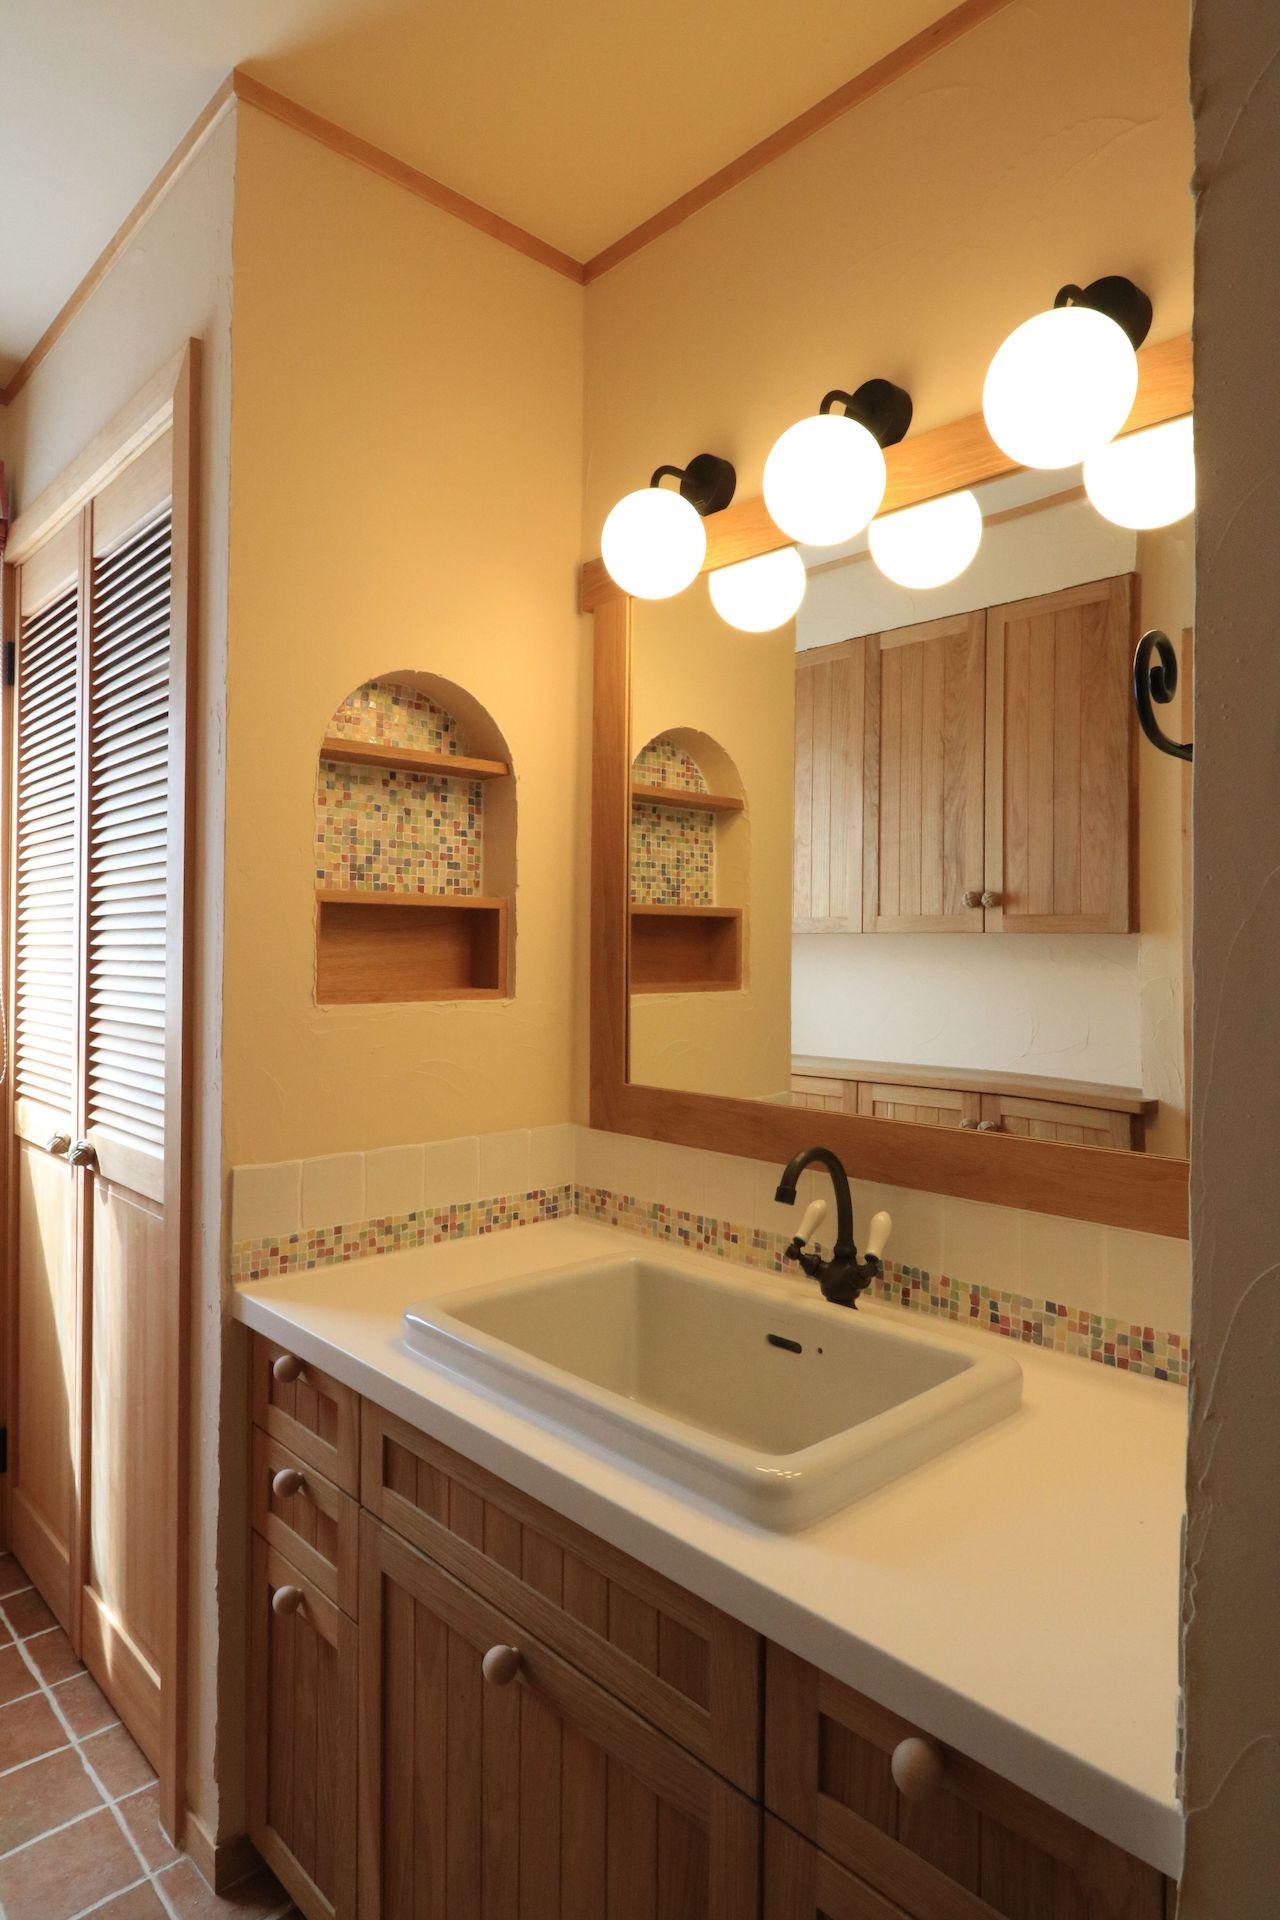 タイル、水栓、つまみなどのアクセサリーにまでこだわった、洗面室